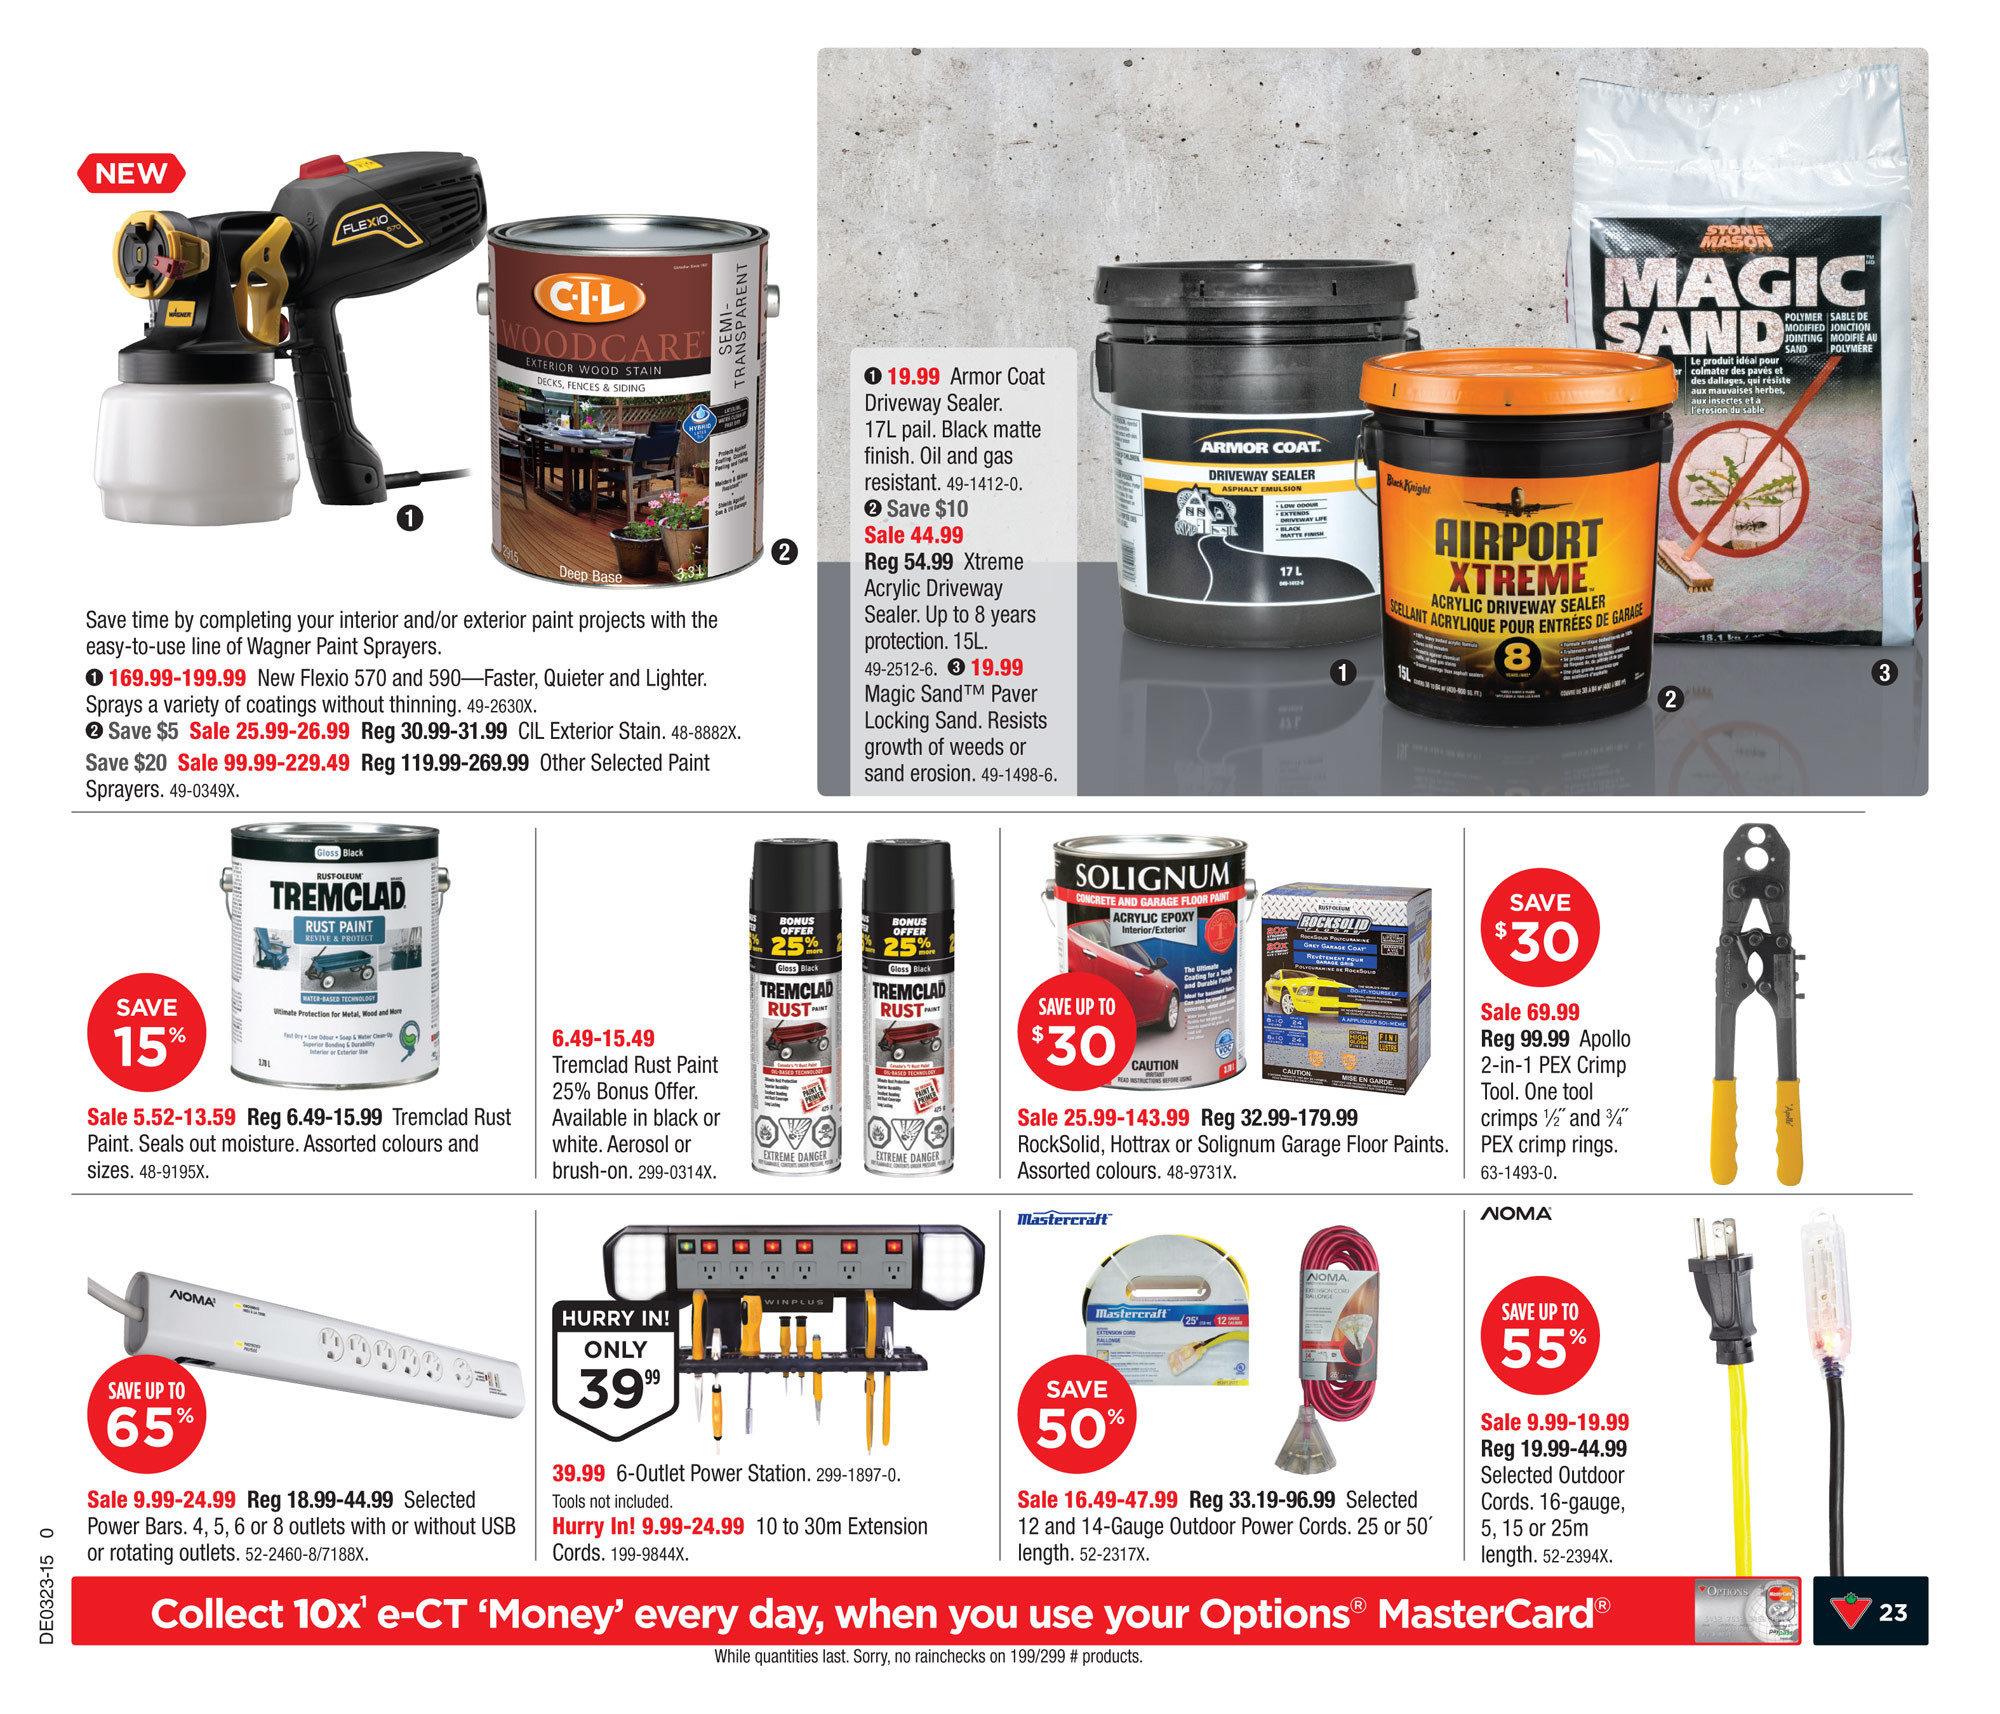 Costco Tire Deals >> Canadian Tire Weekly Flyer - Weekly Flyer - Jun 4 – 10 - RedFlagDeals.com